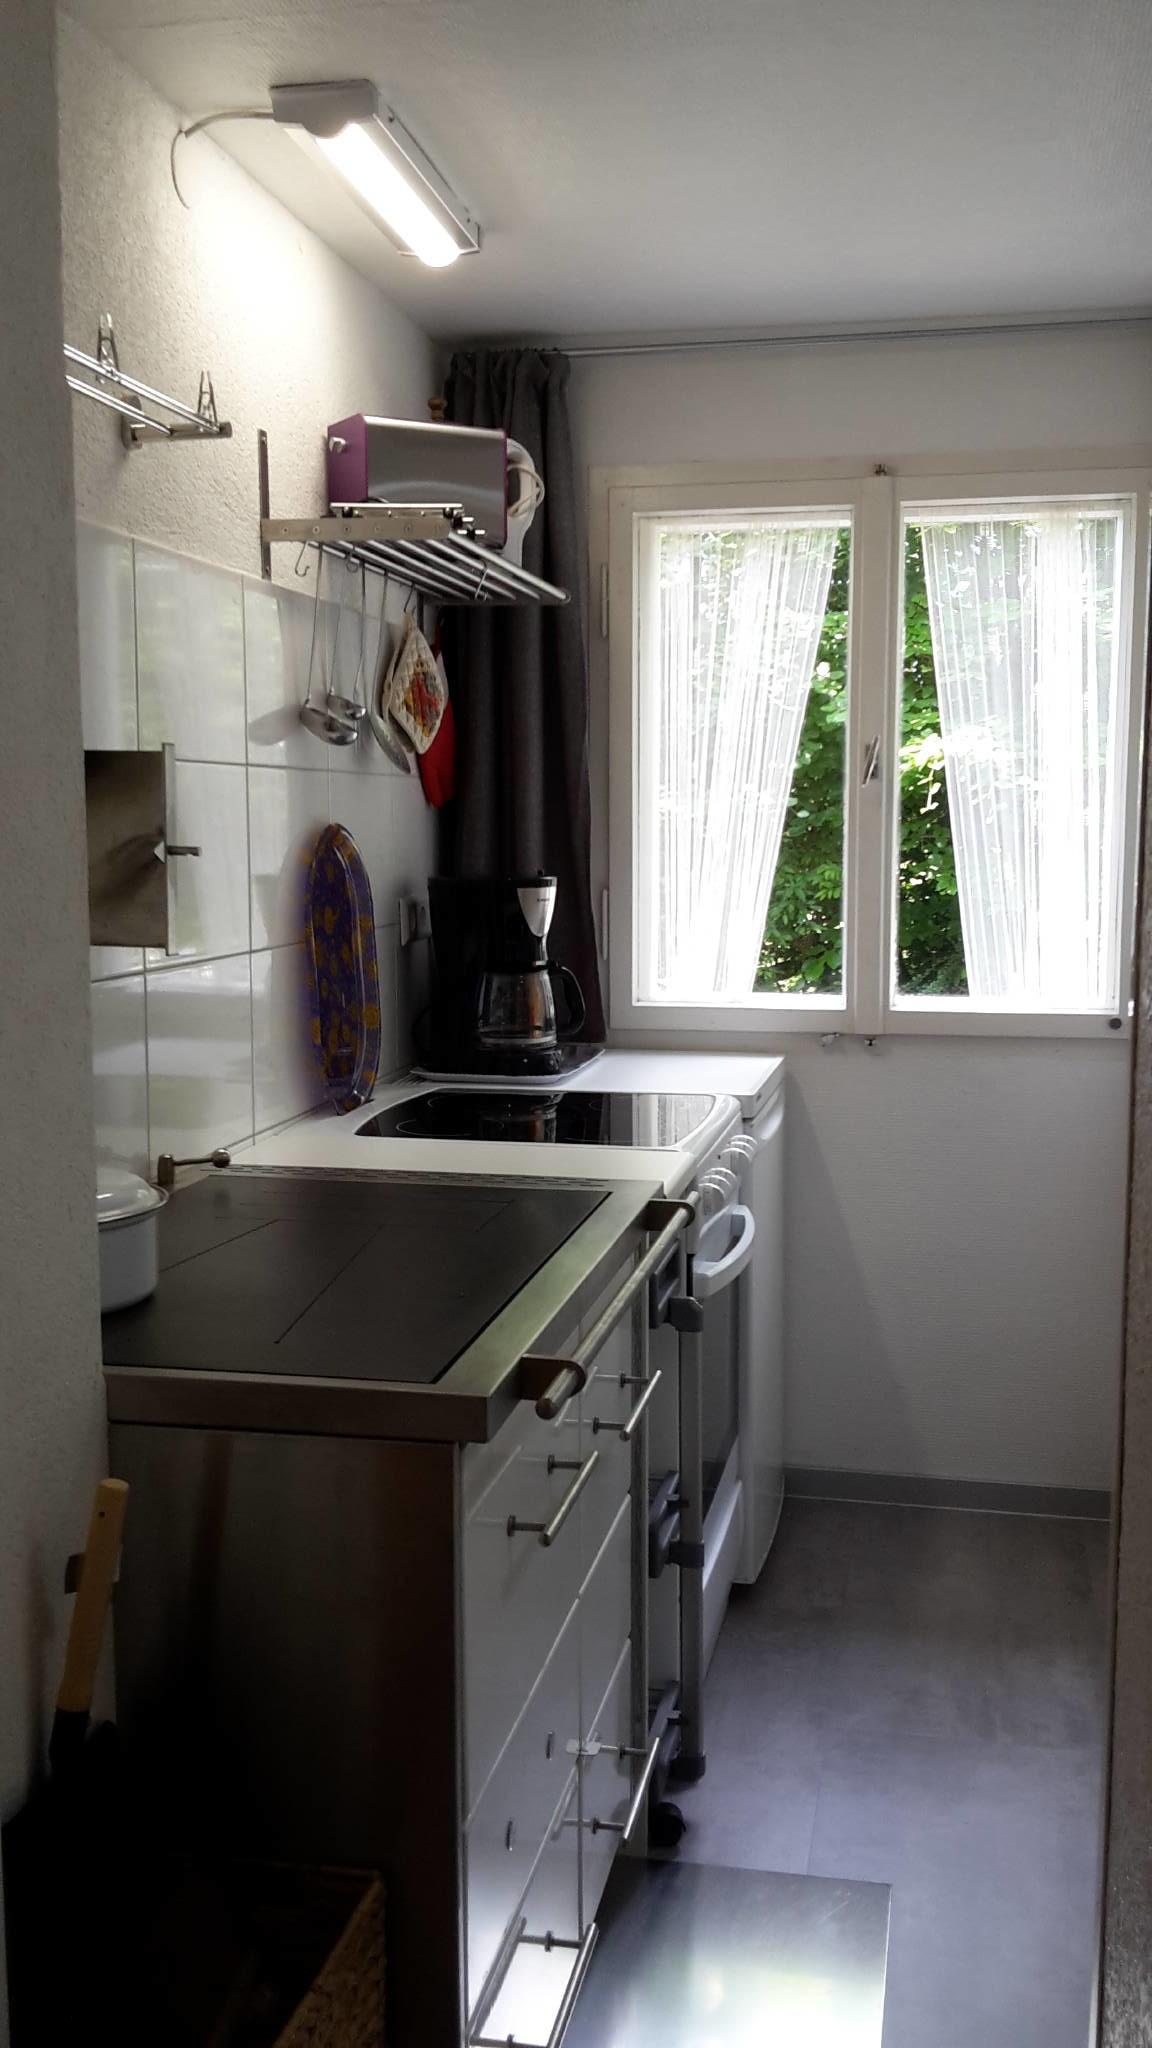 Küche mit Holzofen und Waschgelegenheit